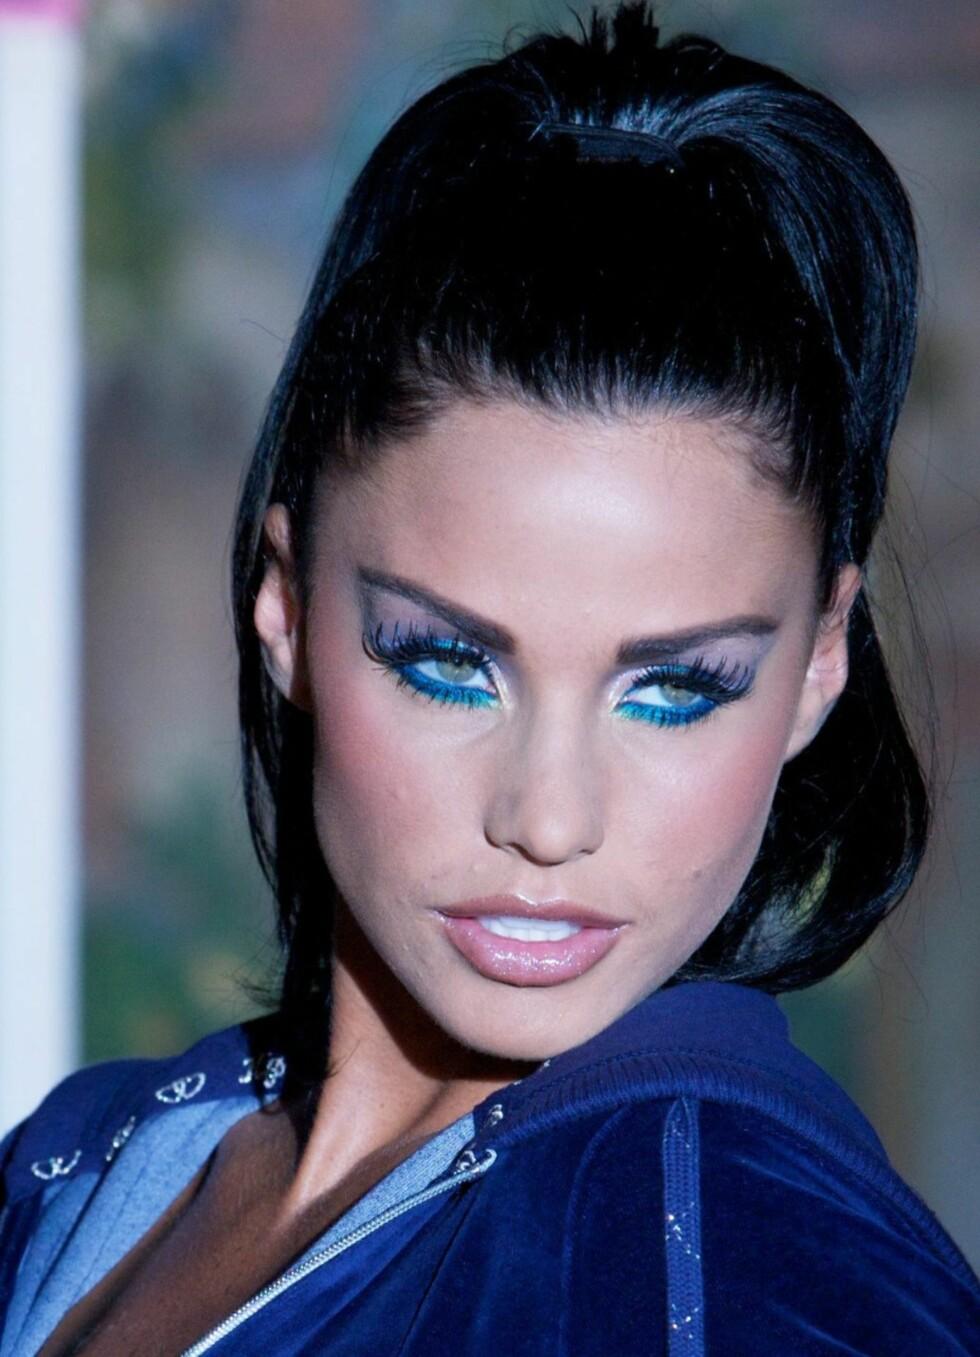 Katie PriceGlamourmodellen - også kjent som Jordan - har aldri vært sjenert av seg. Før hun giftet seg med Peter Andre (36) pirret hun nysgjerrigheten til både kvinnelige og mannlige fans med sin tvetydige oppførsel. Foto: All Over Press